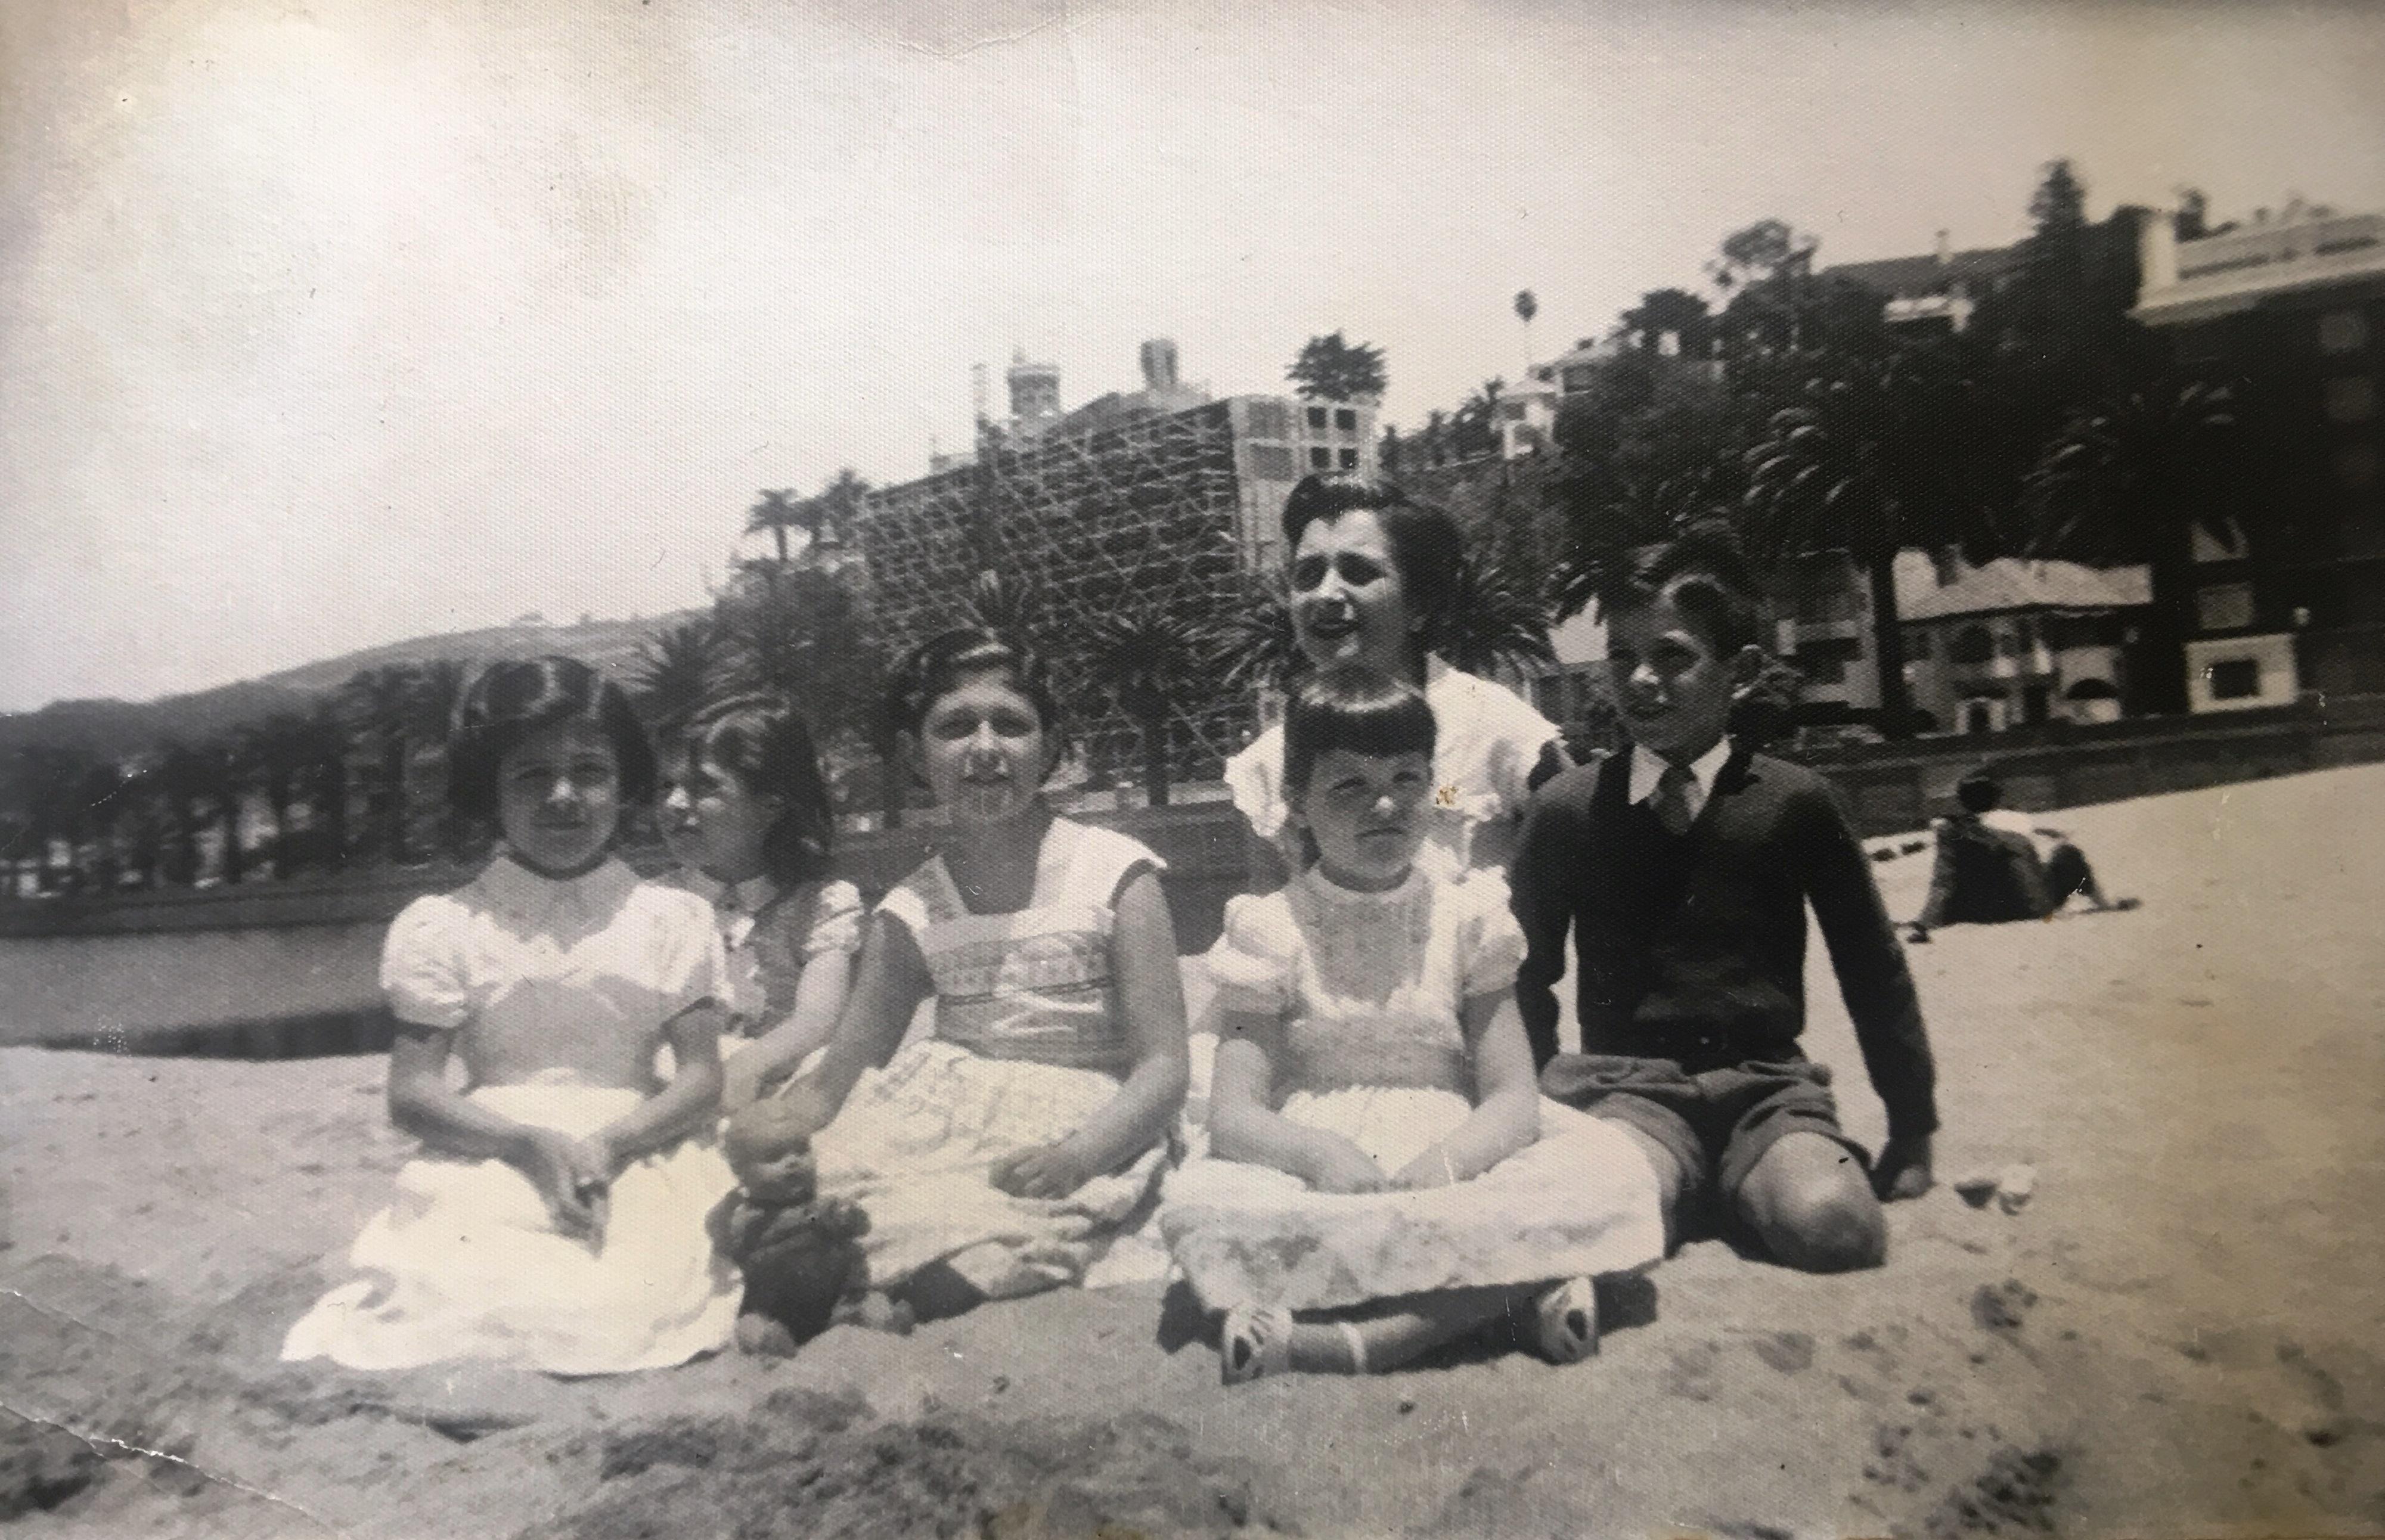 Enterreno - Fotos históricas de chile - fotos antiguas de Chile - Playa del Casino, Viña del Mar en 1955